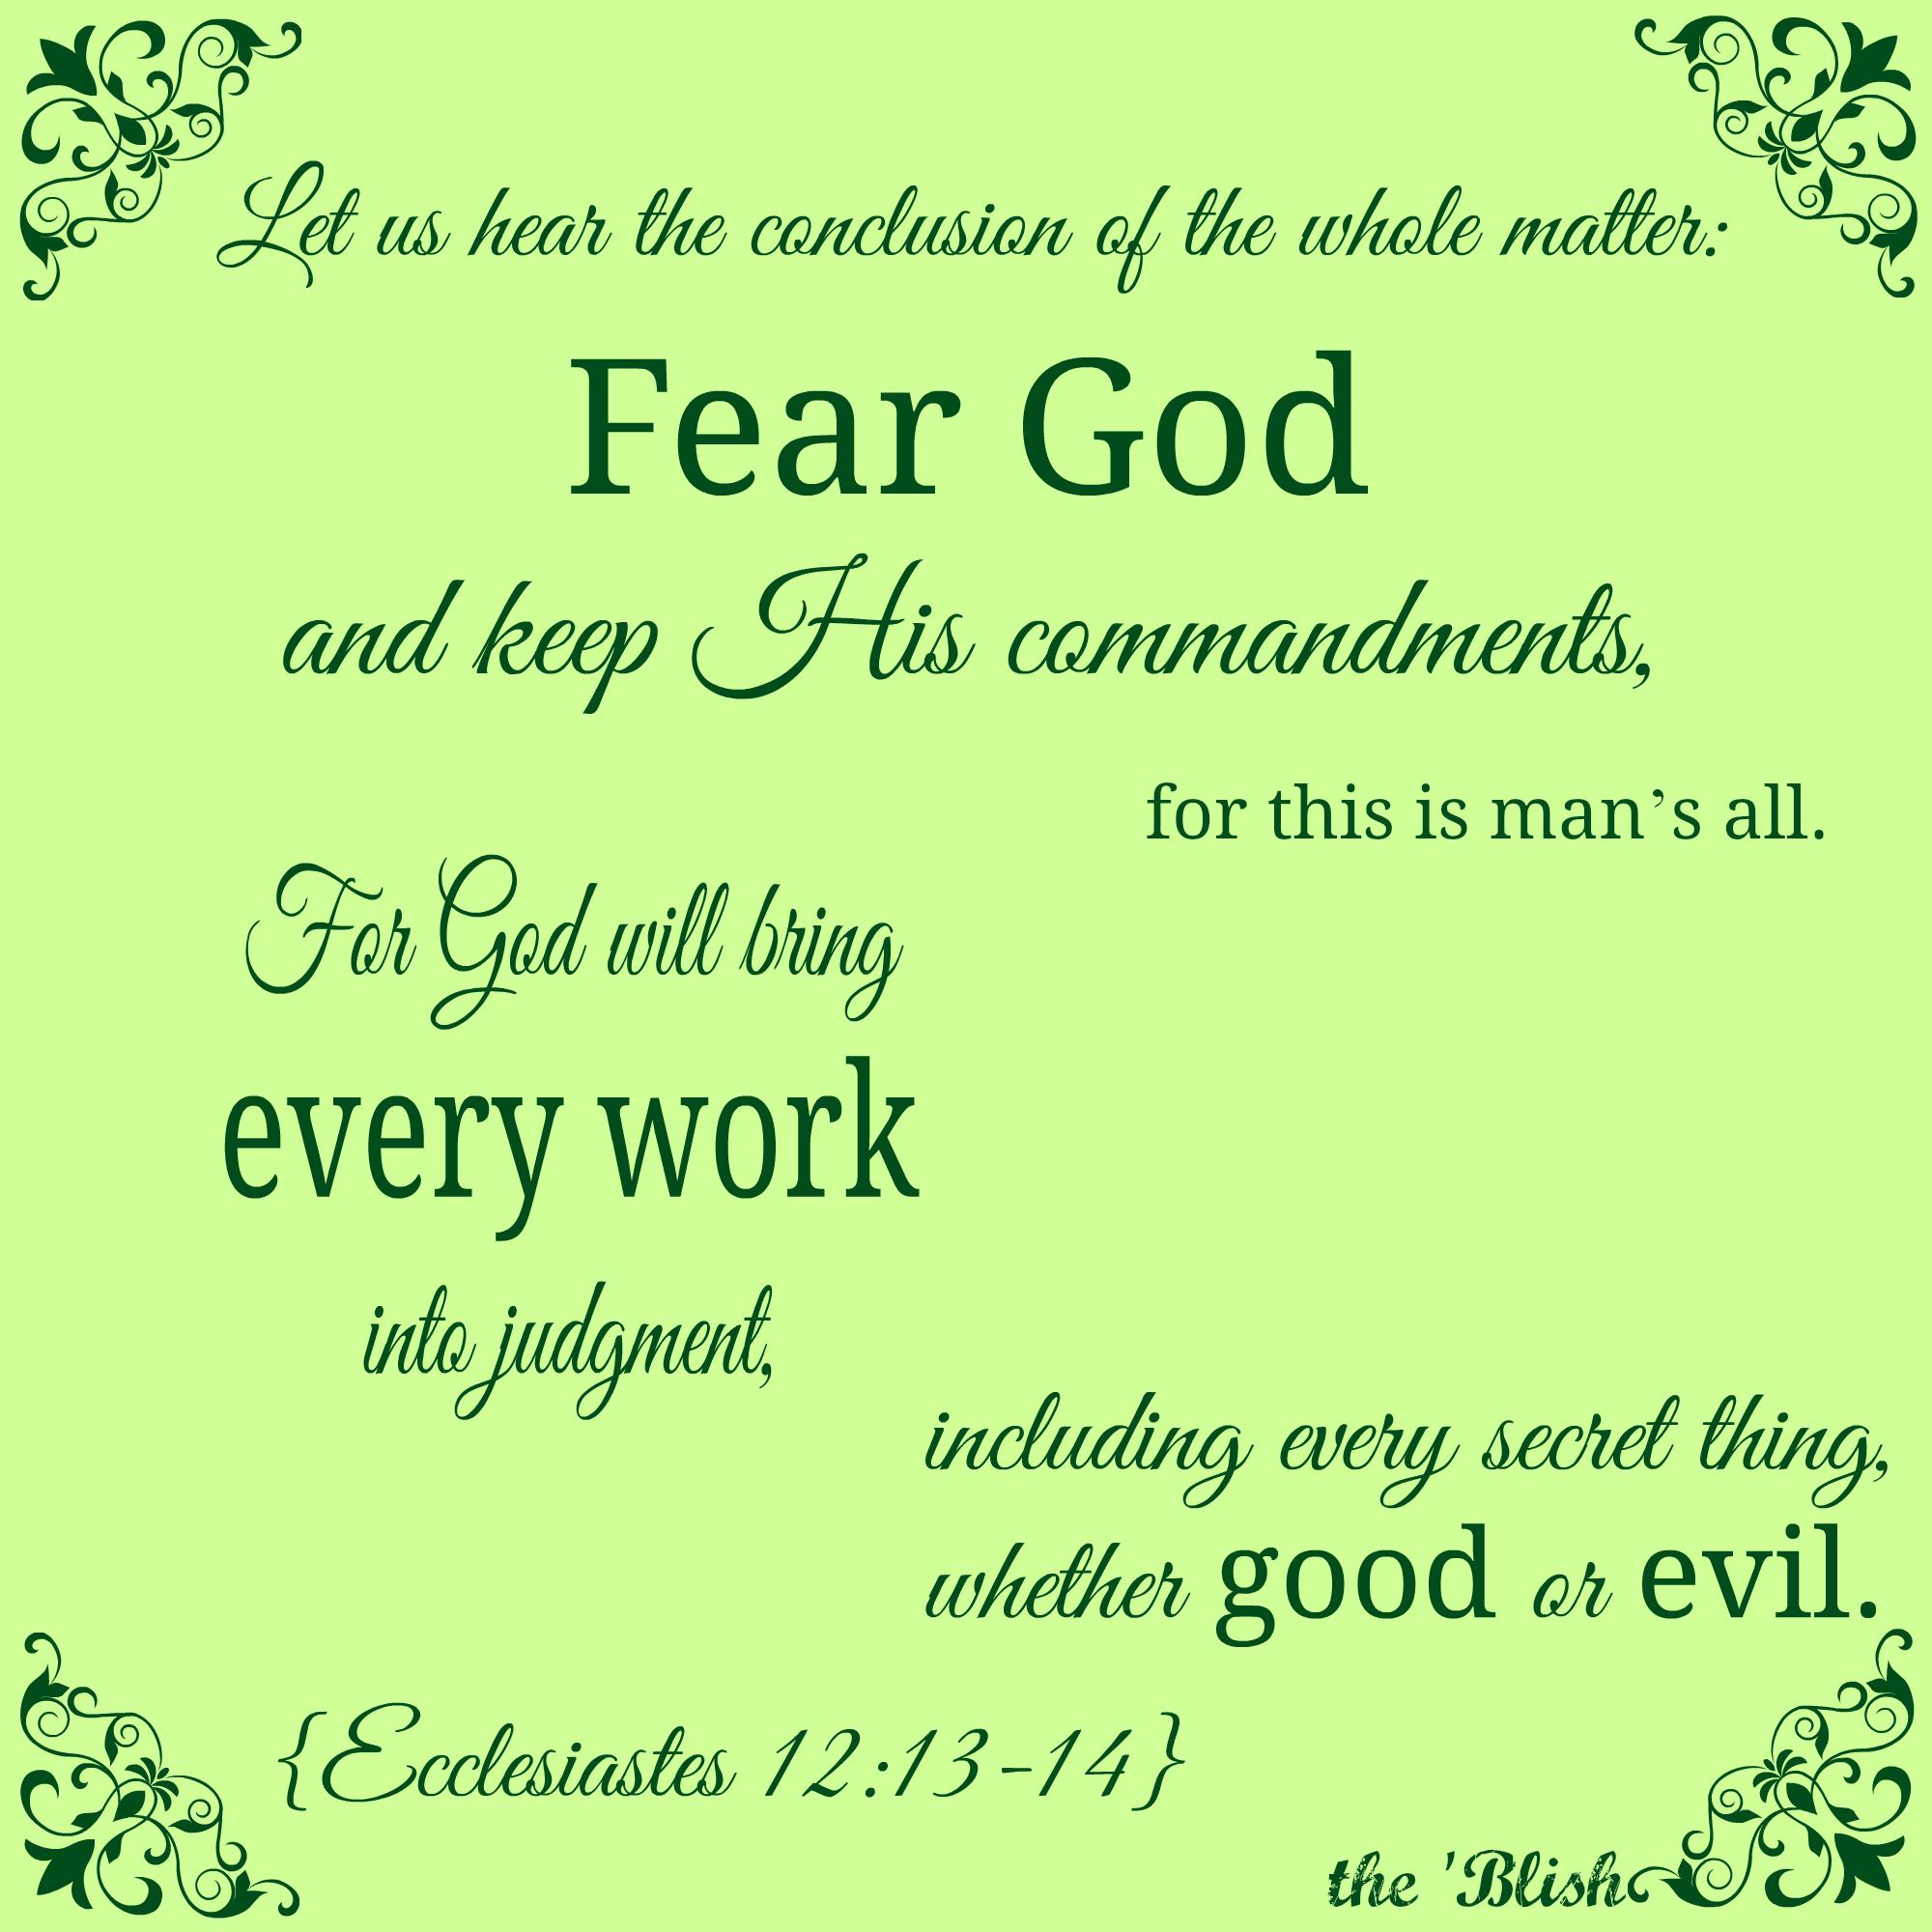 Ecclesiastes 12:13-14} Bible verses | YAHWEH | Ecclesiastes 12